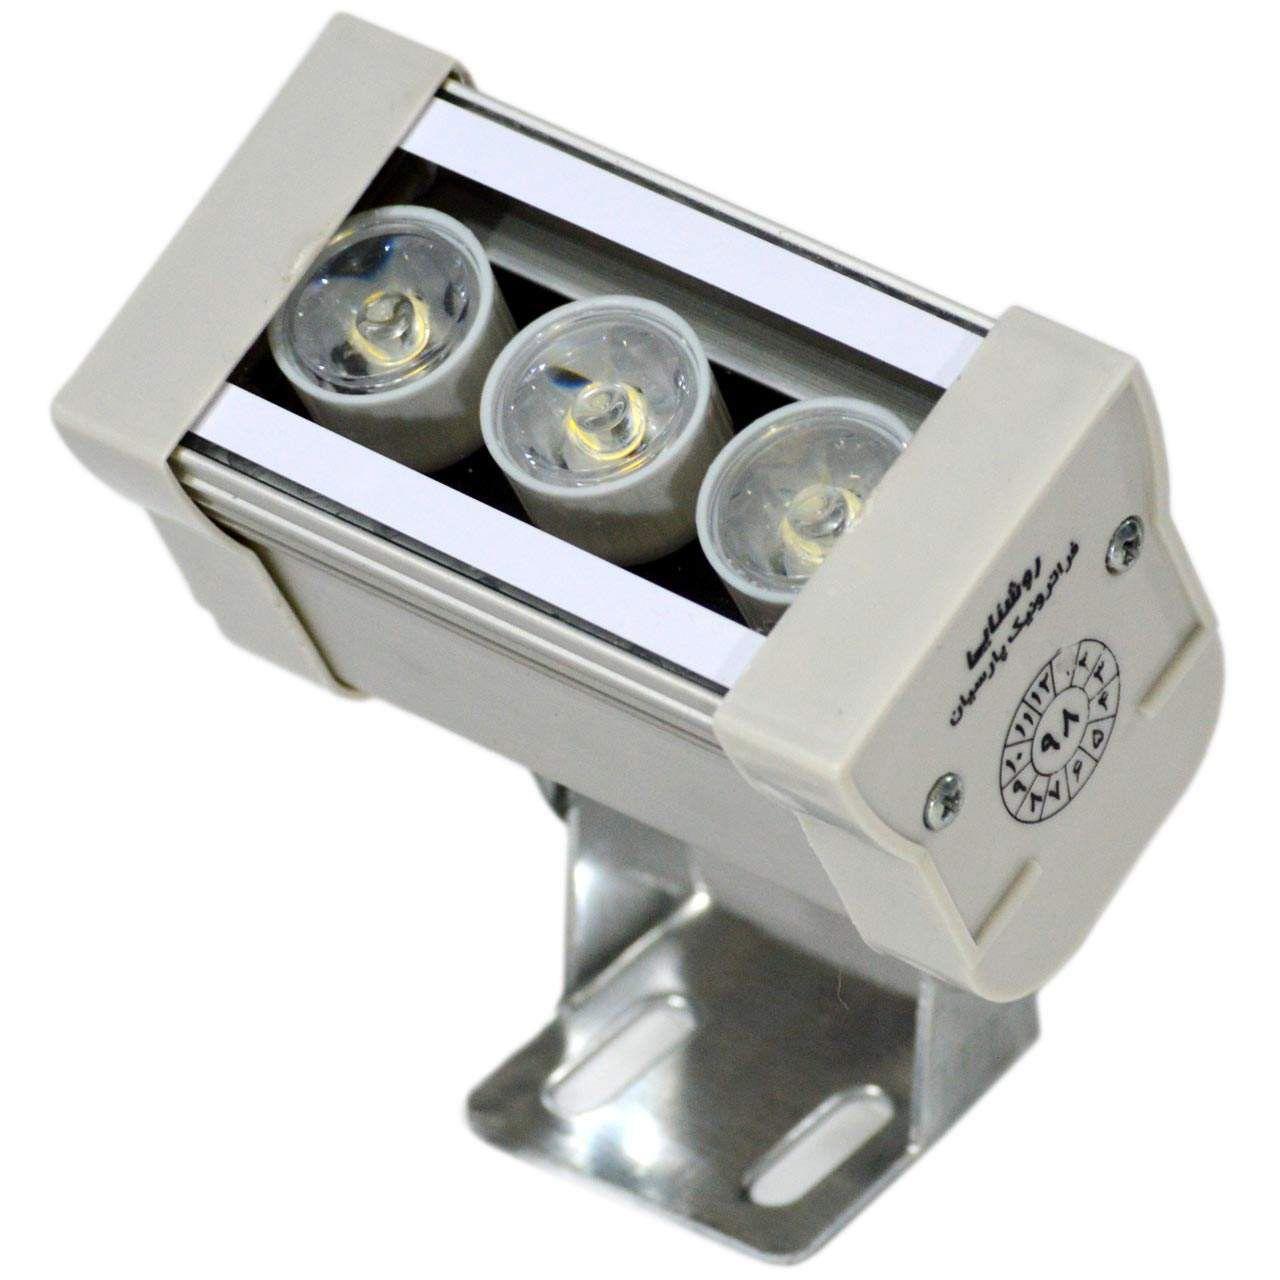 پروژکتور خطی ال ای دی والواشر فراترونیک پارسیان مدل 310